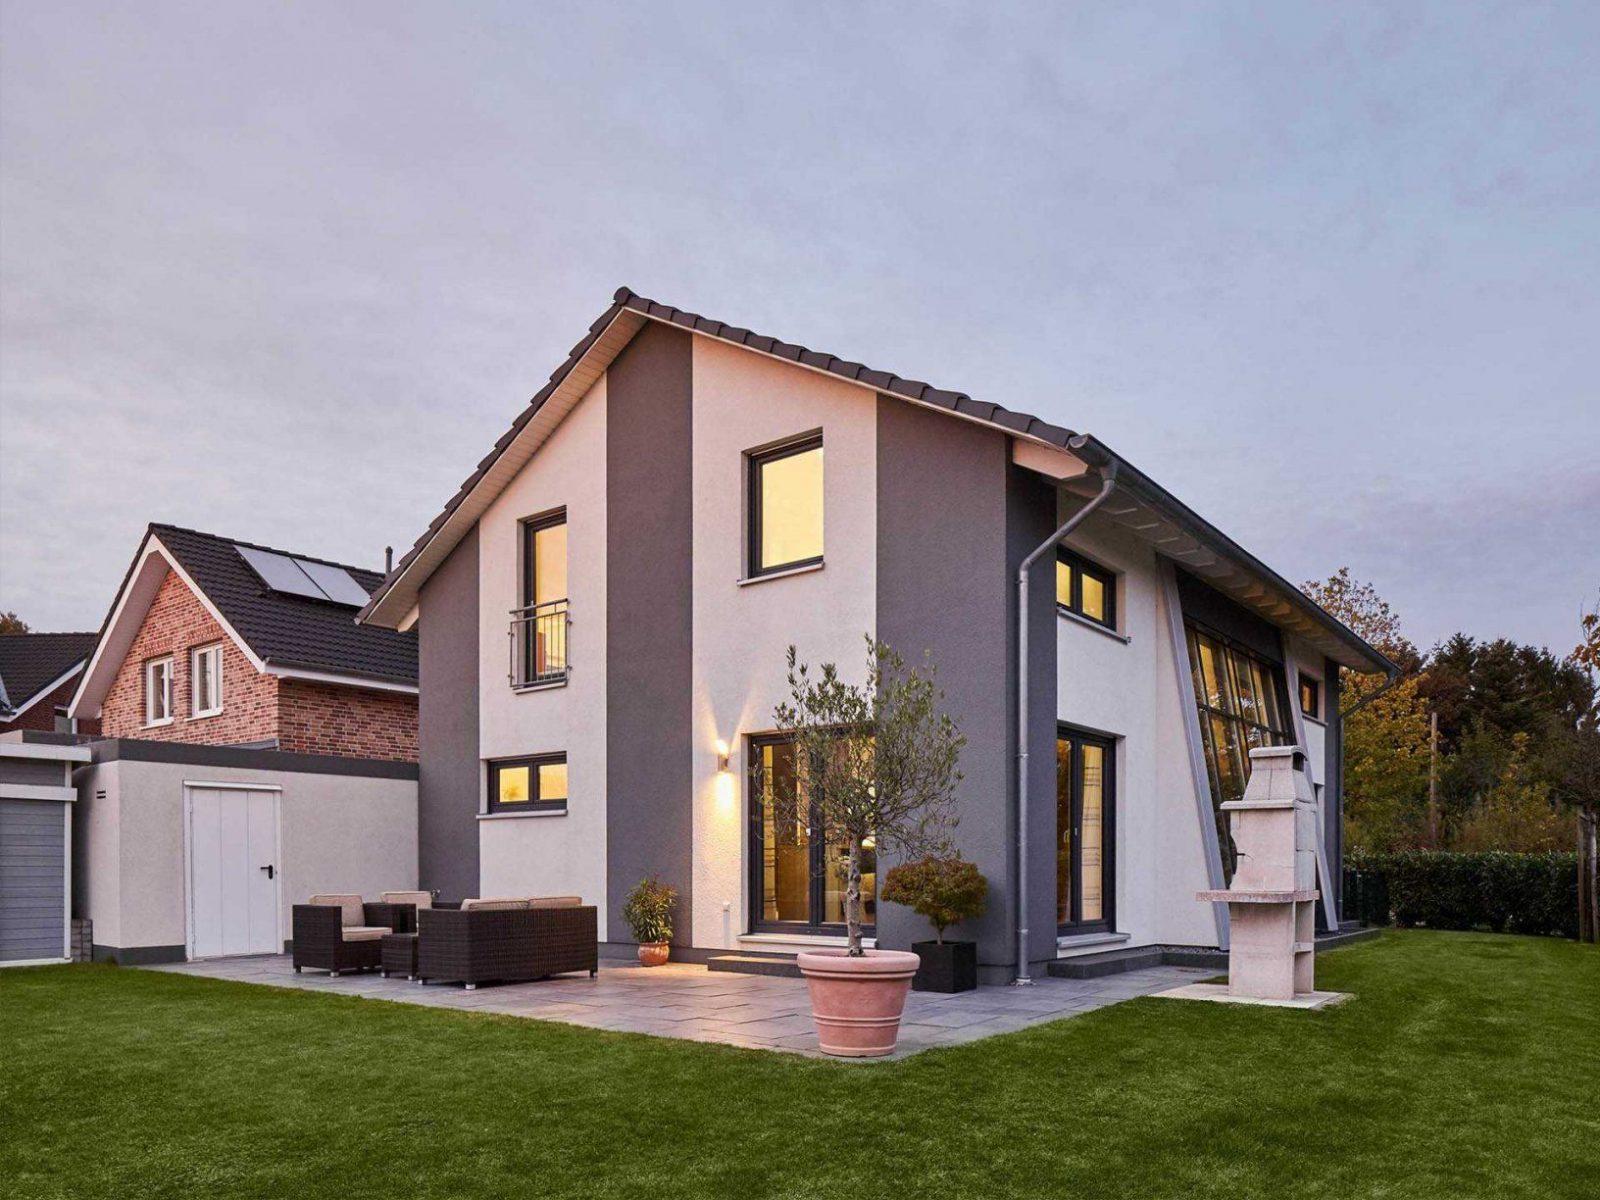 Allkauf Haus  Grundrisse Häuser Preise von Kosten Allkauf Haus Schlüsselfertig Bild